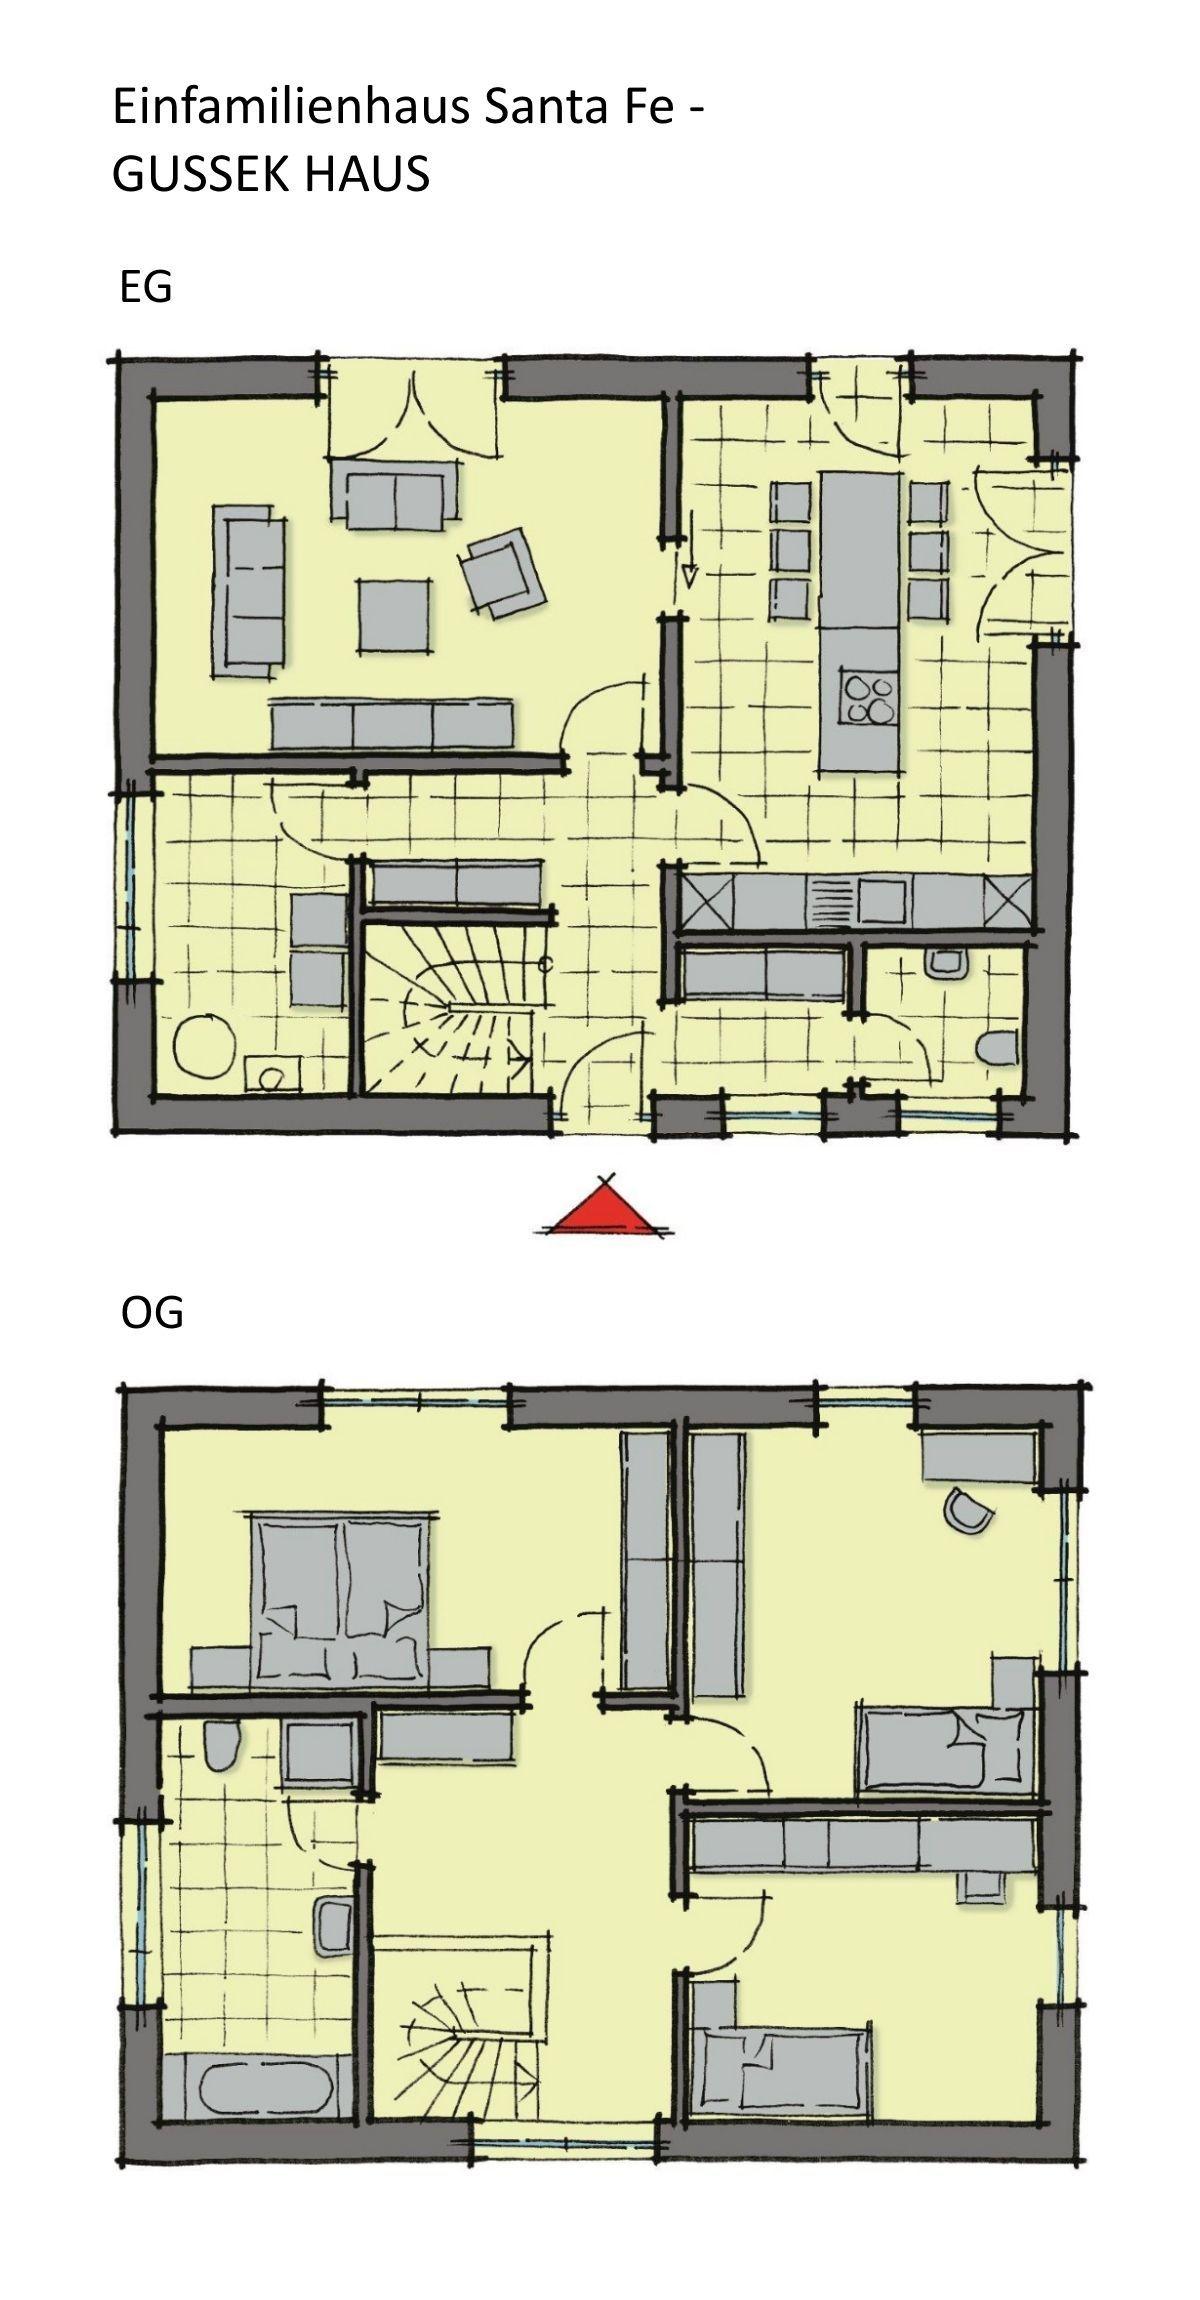 Grundriss Einfamilienhaus Neubau modern mit Flachdach